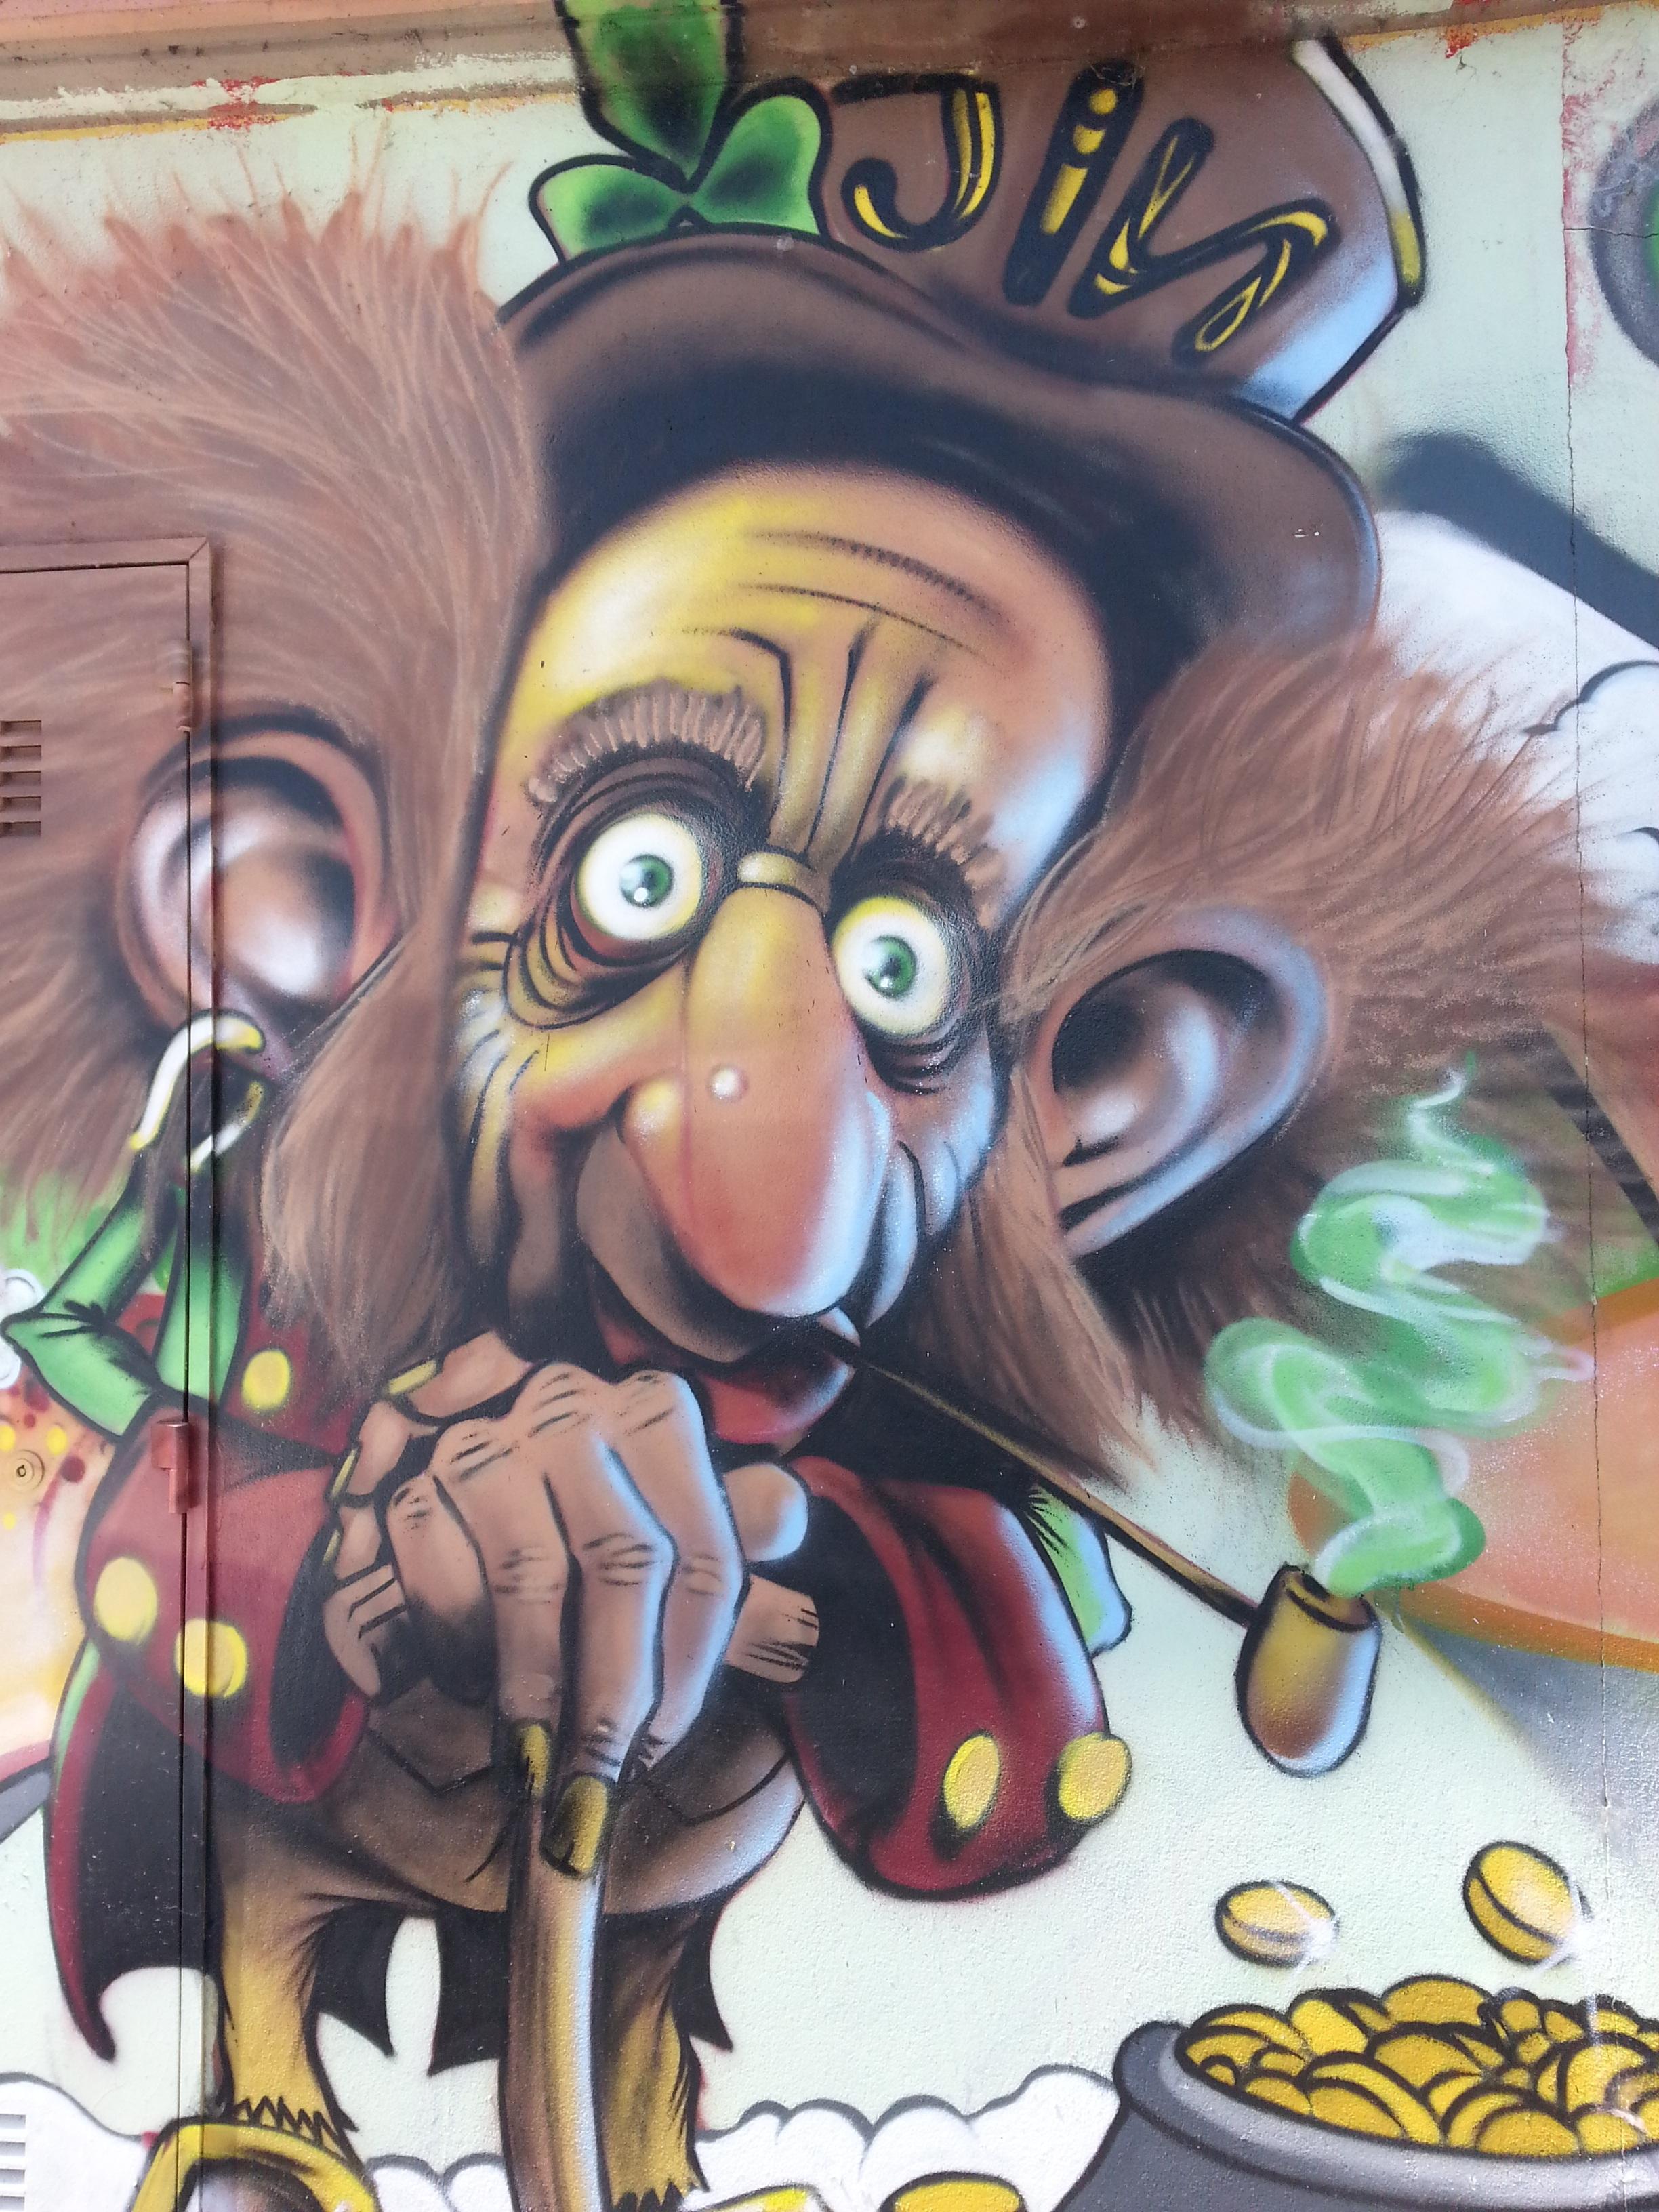 Gambar Dinding Seni Ilustrasi Mural Seniman Komik Gambar